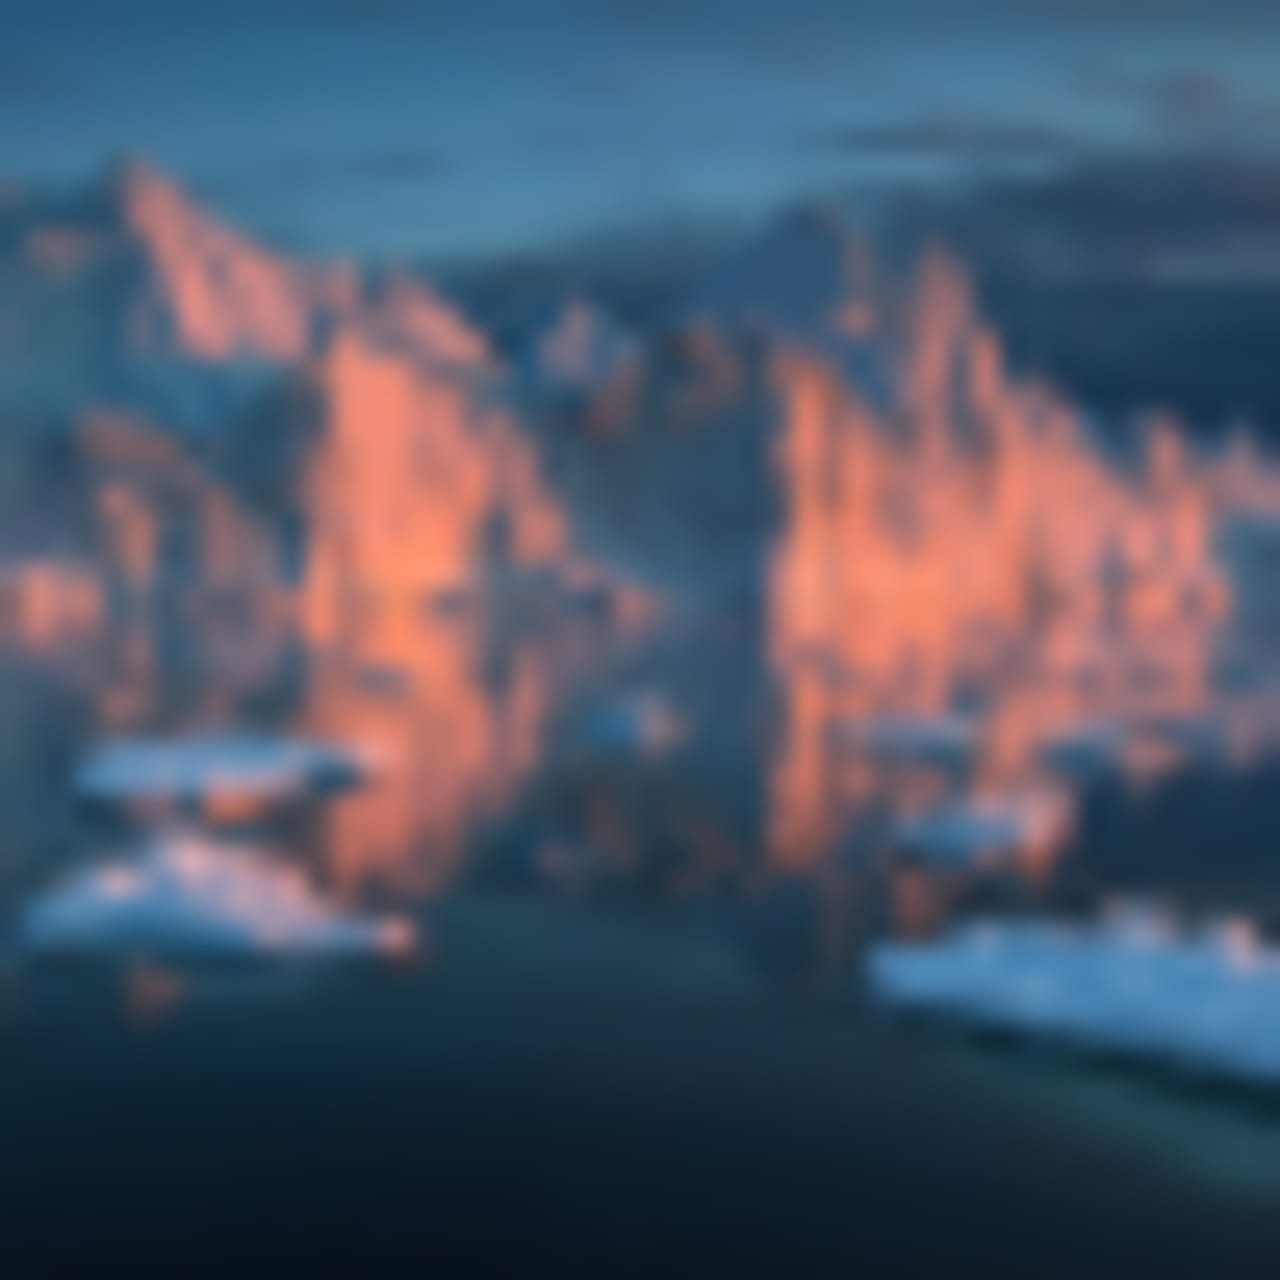 Szokatlan hőség a sarkvidéken